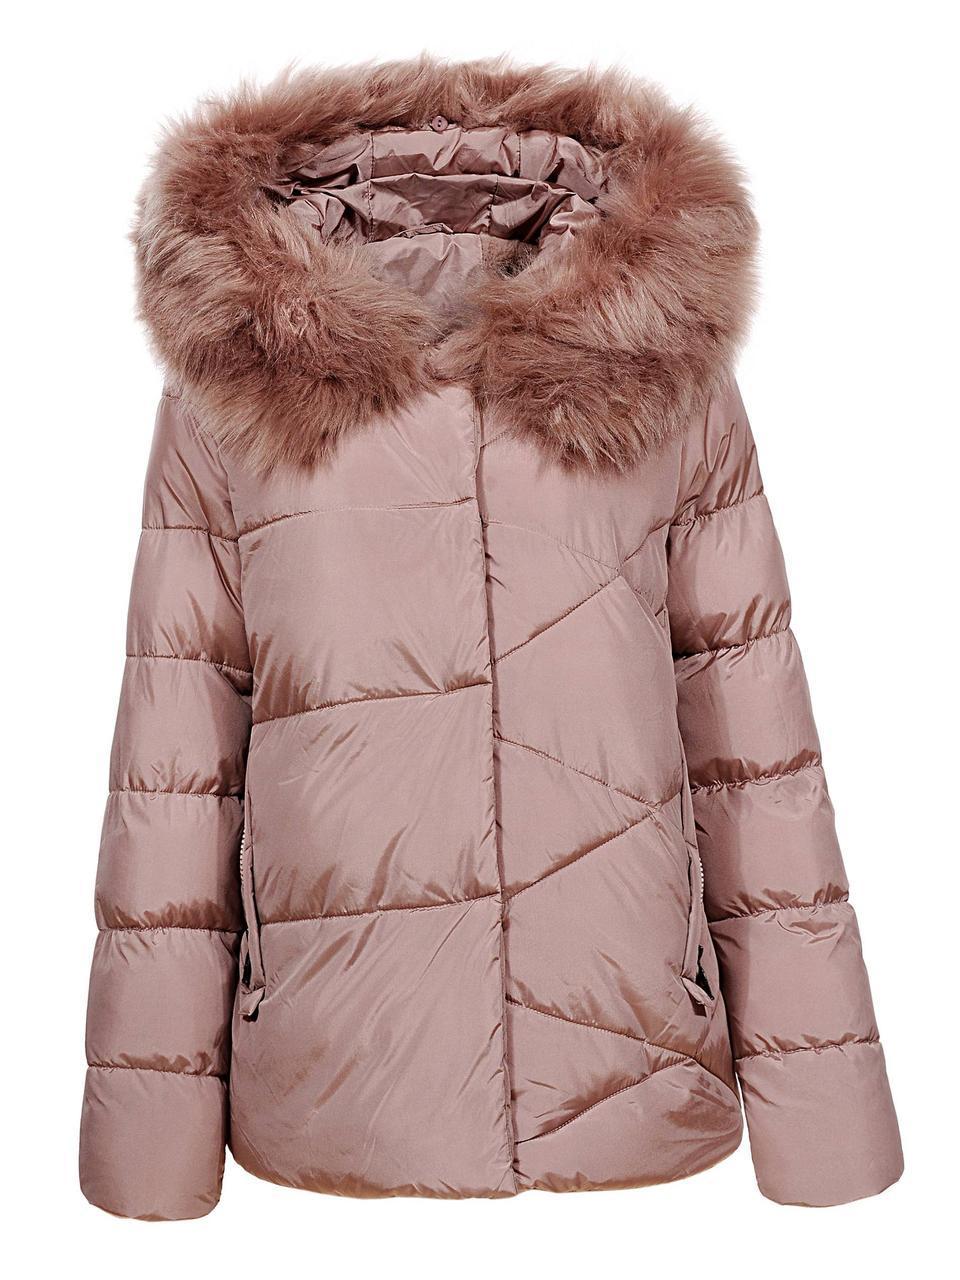 Оригинальная Куртка Пуховик Женская Glo-Story WMA-6562 Сream Кремовый Зима